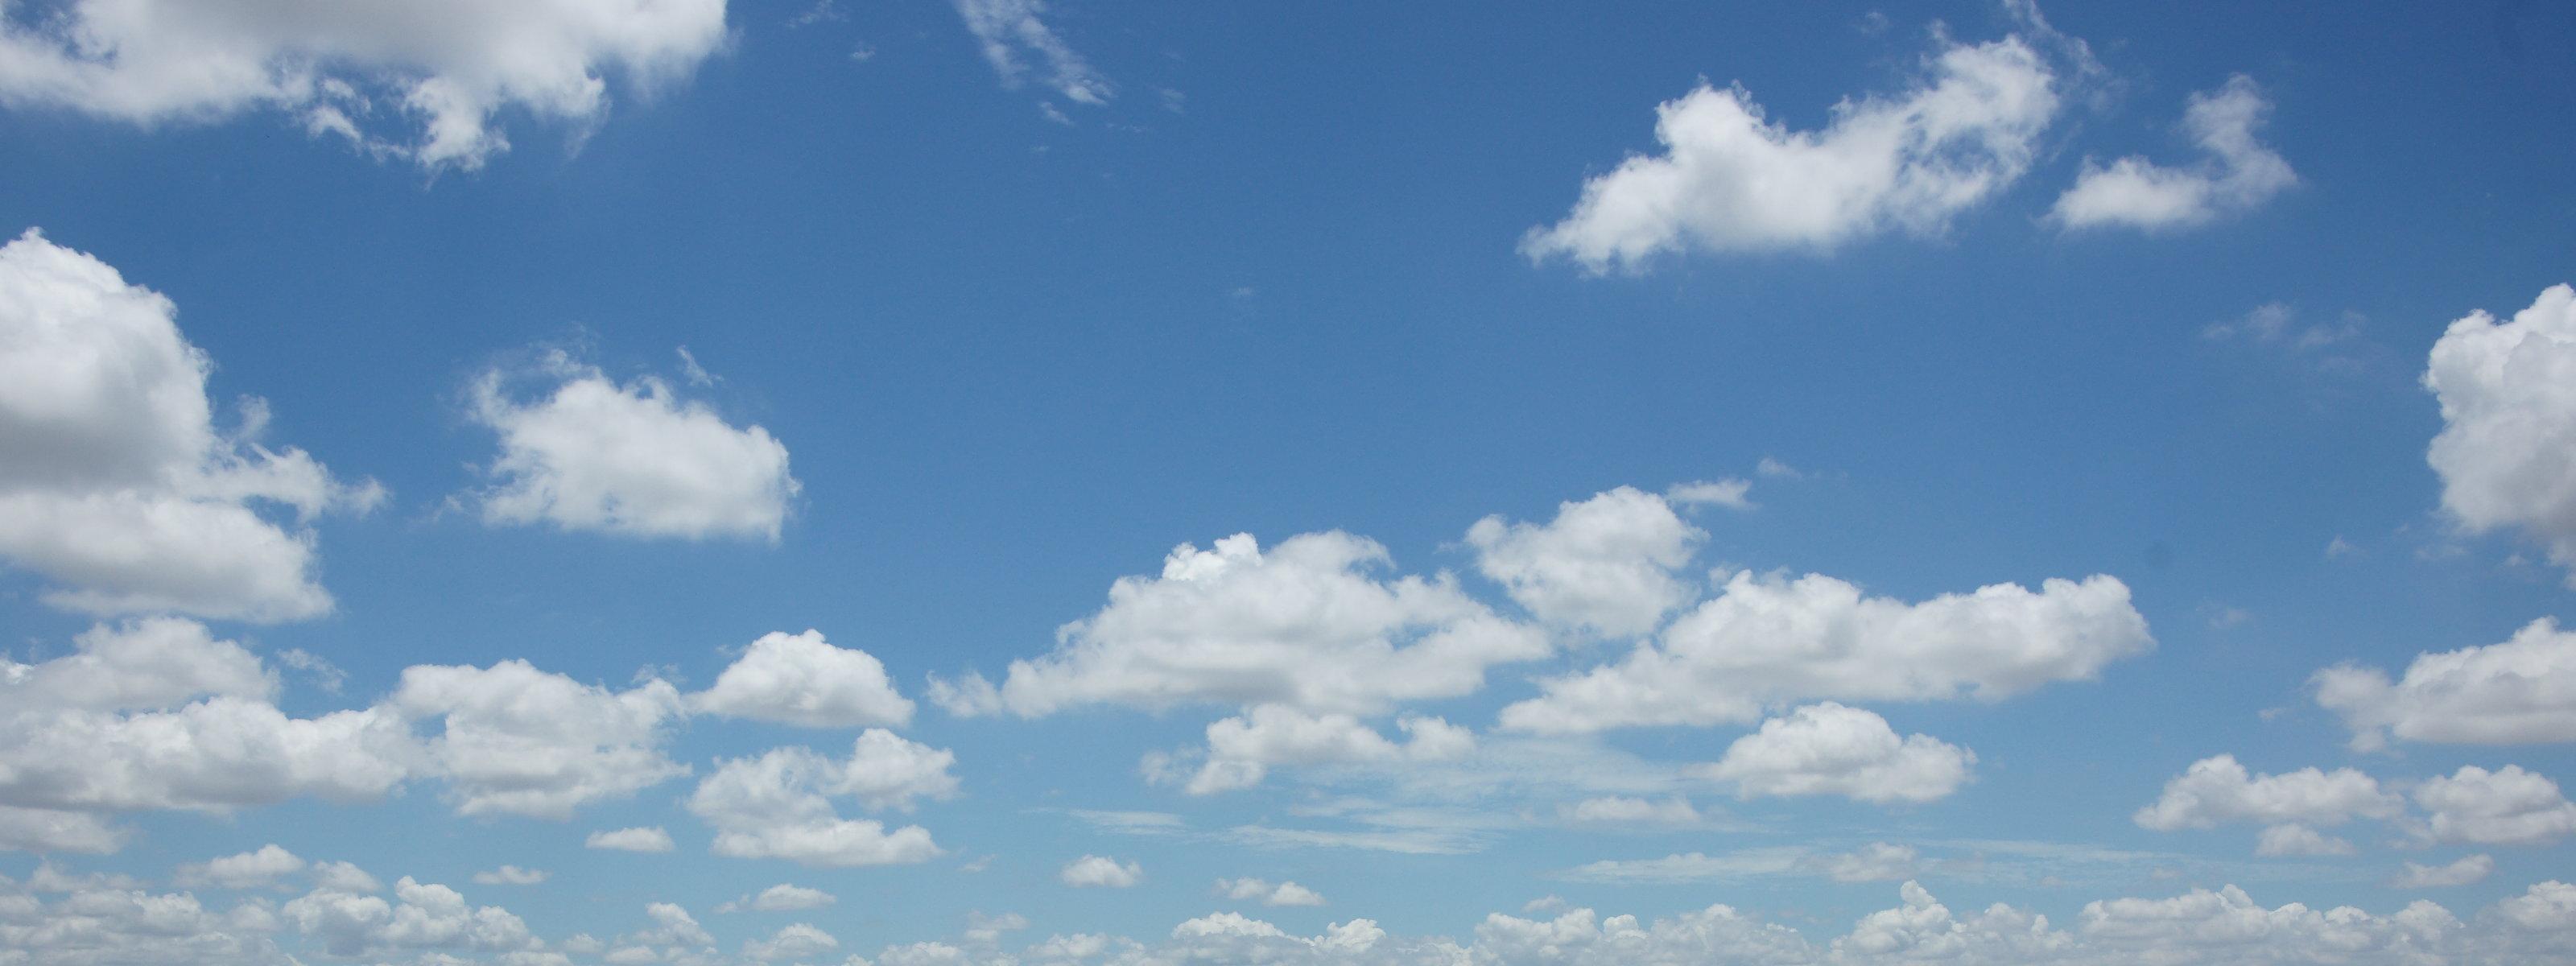 Sky background wallpapersafari